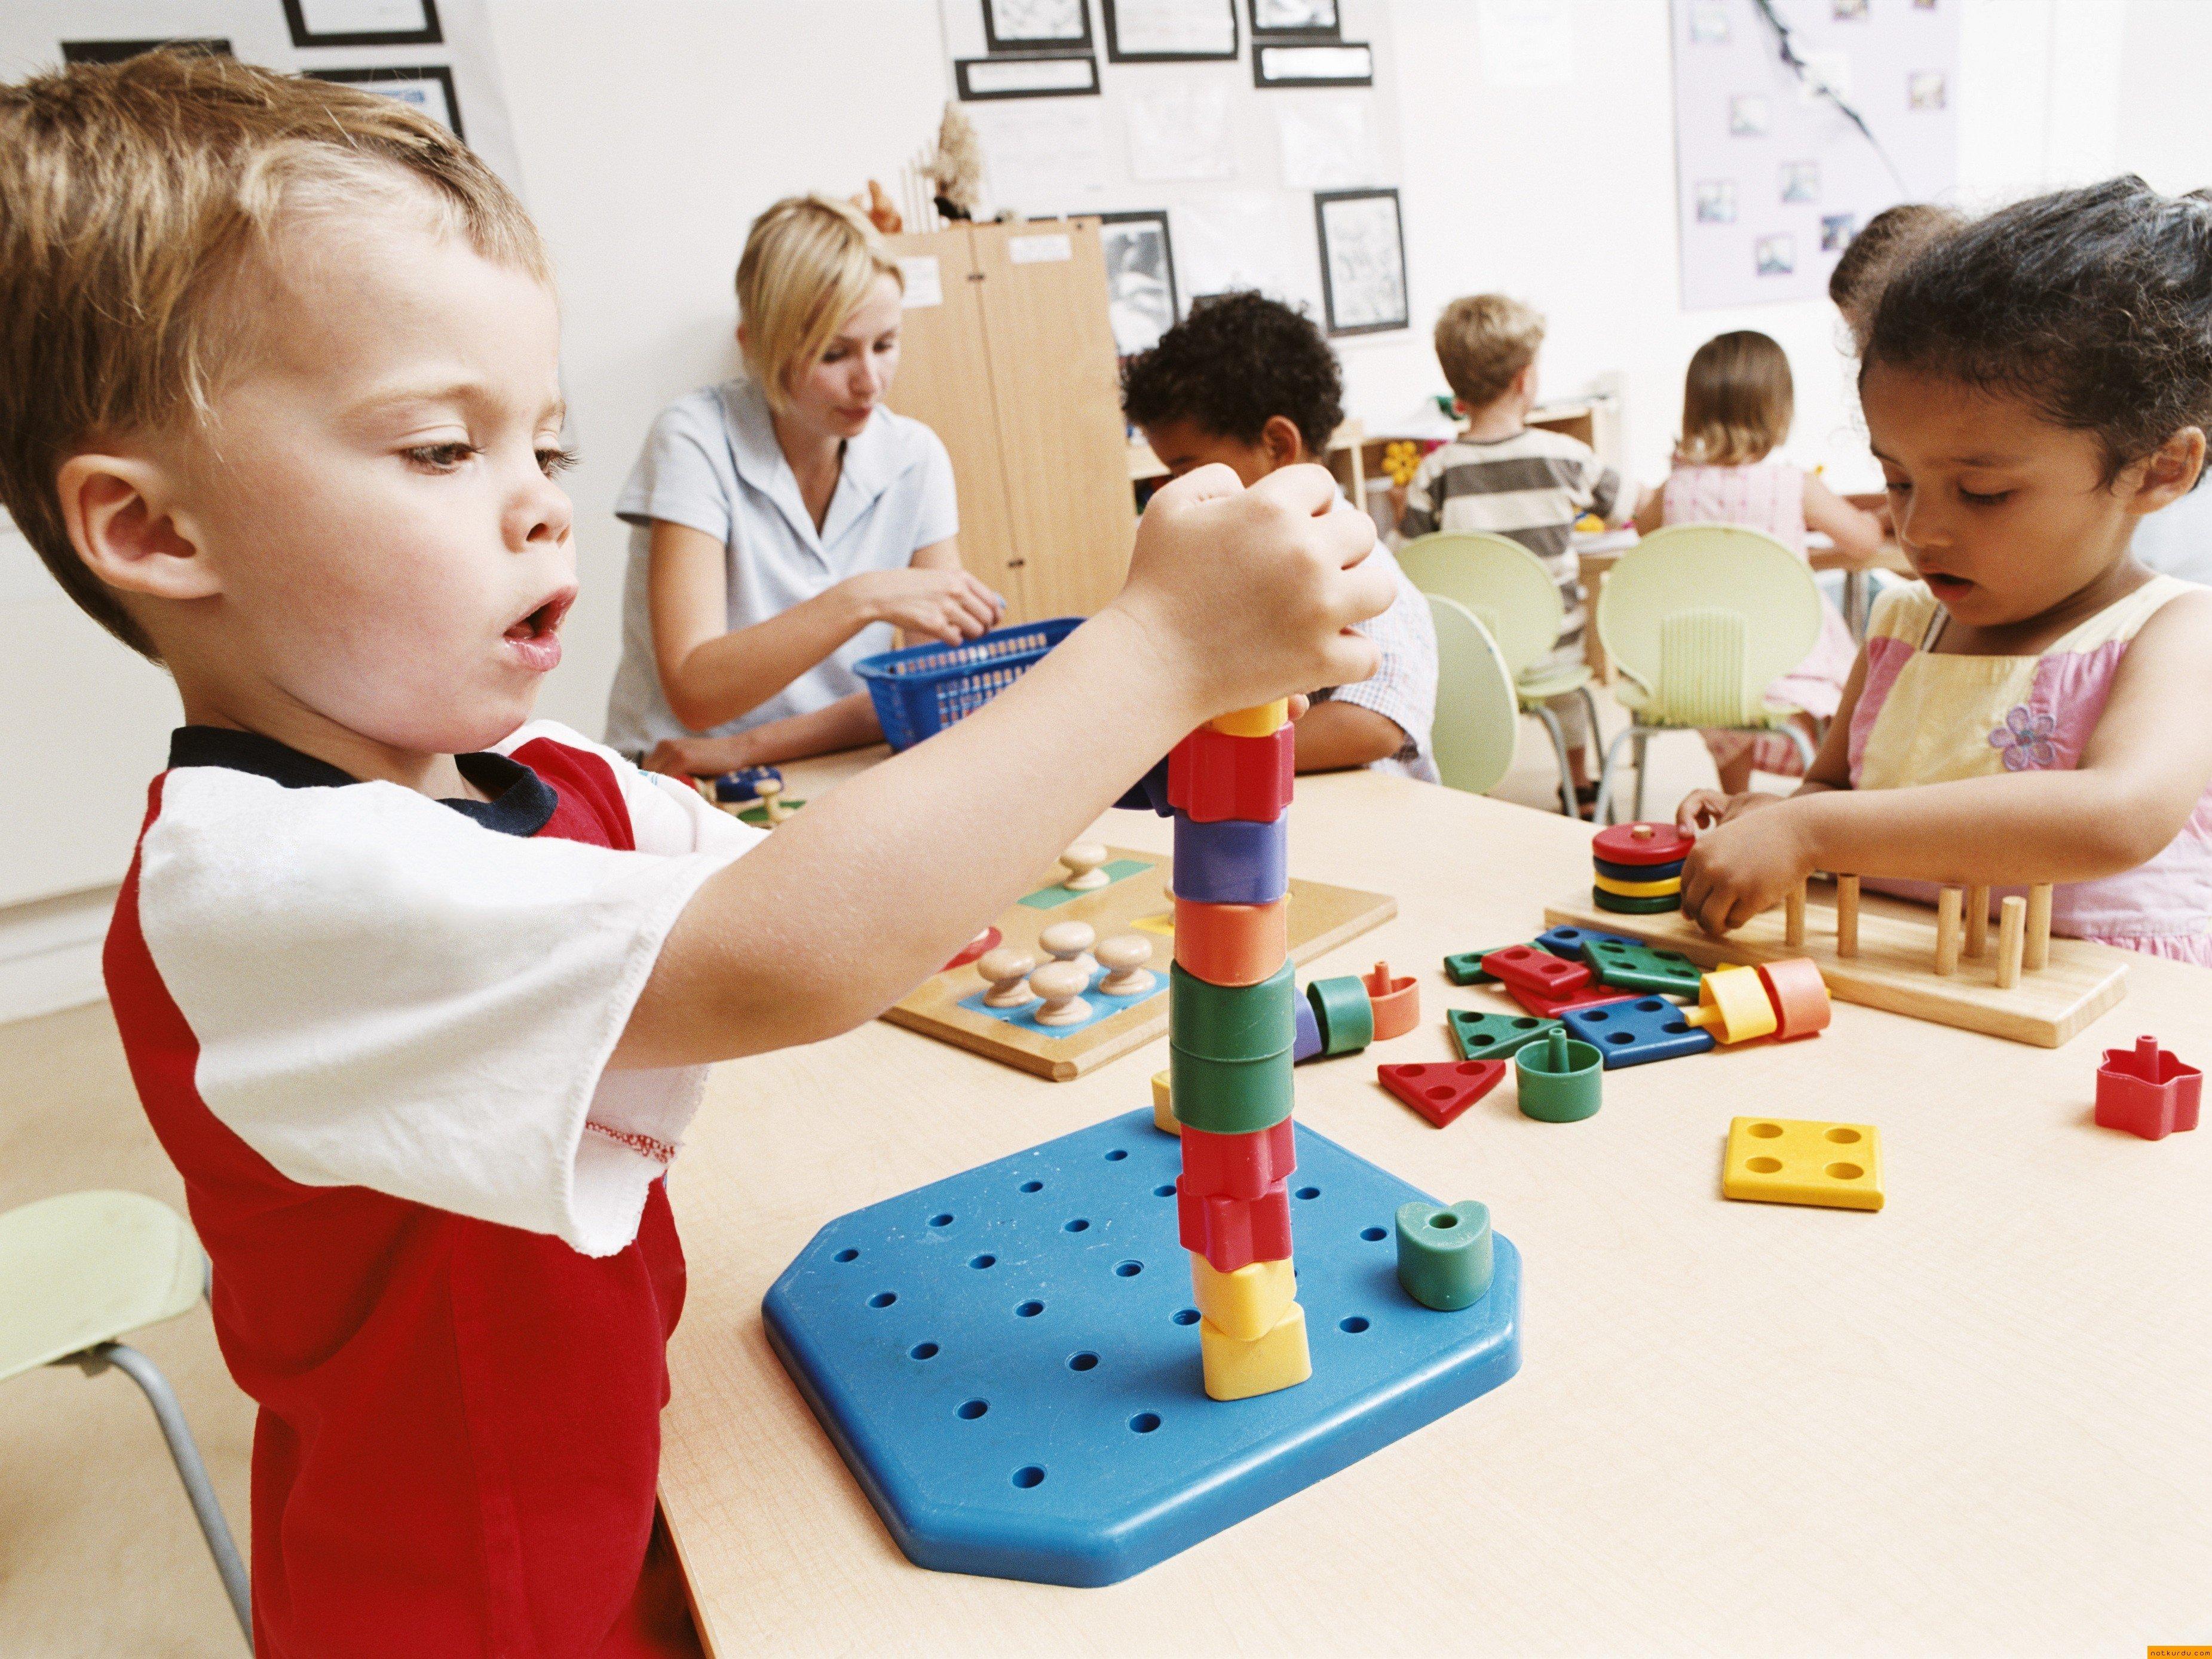 Çocukların belleği nasıl geliştirilir Hafıza gelişimi için oyunlar. Çocuklar için hafıza geliştirmek için vitaminler